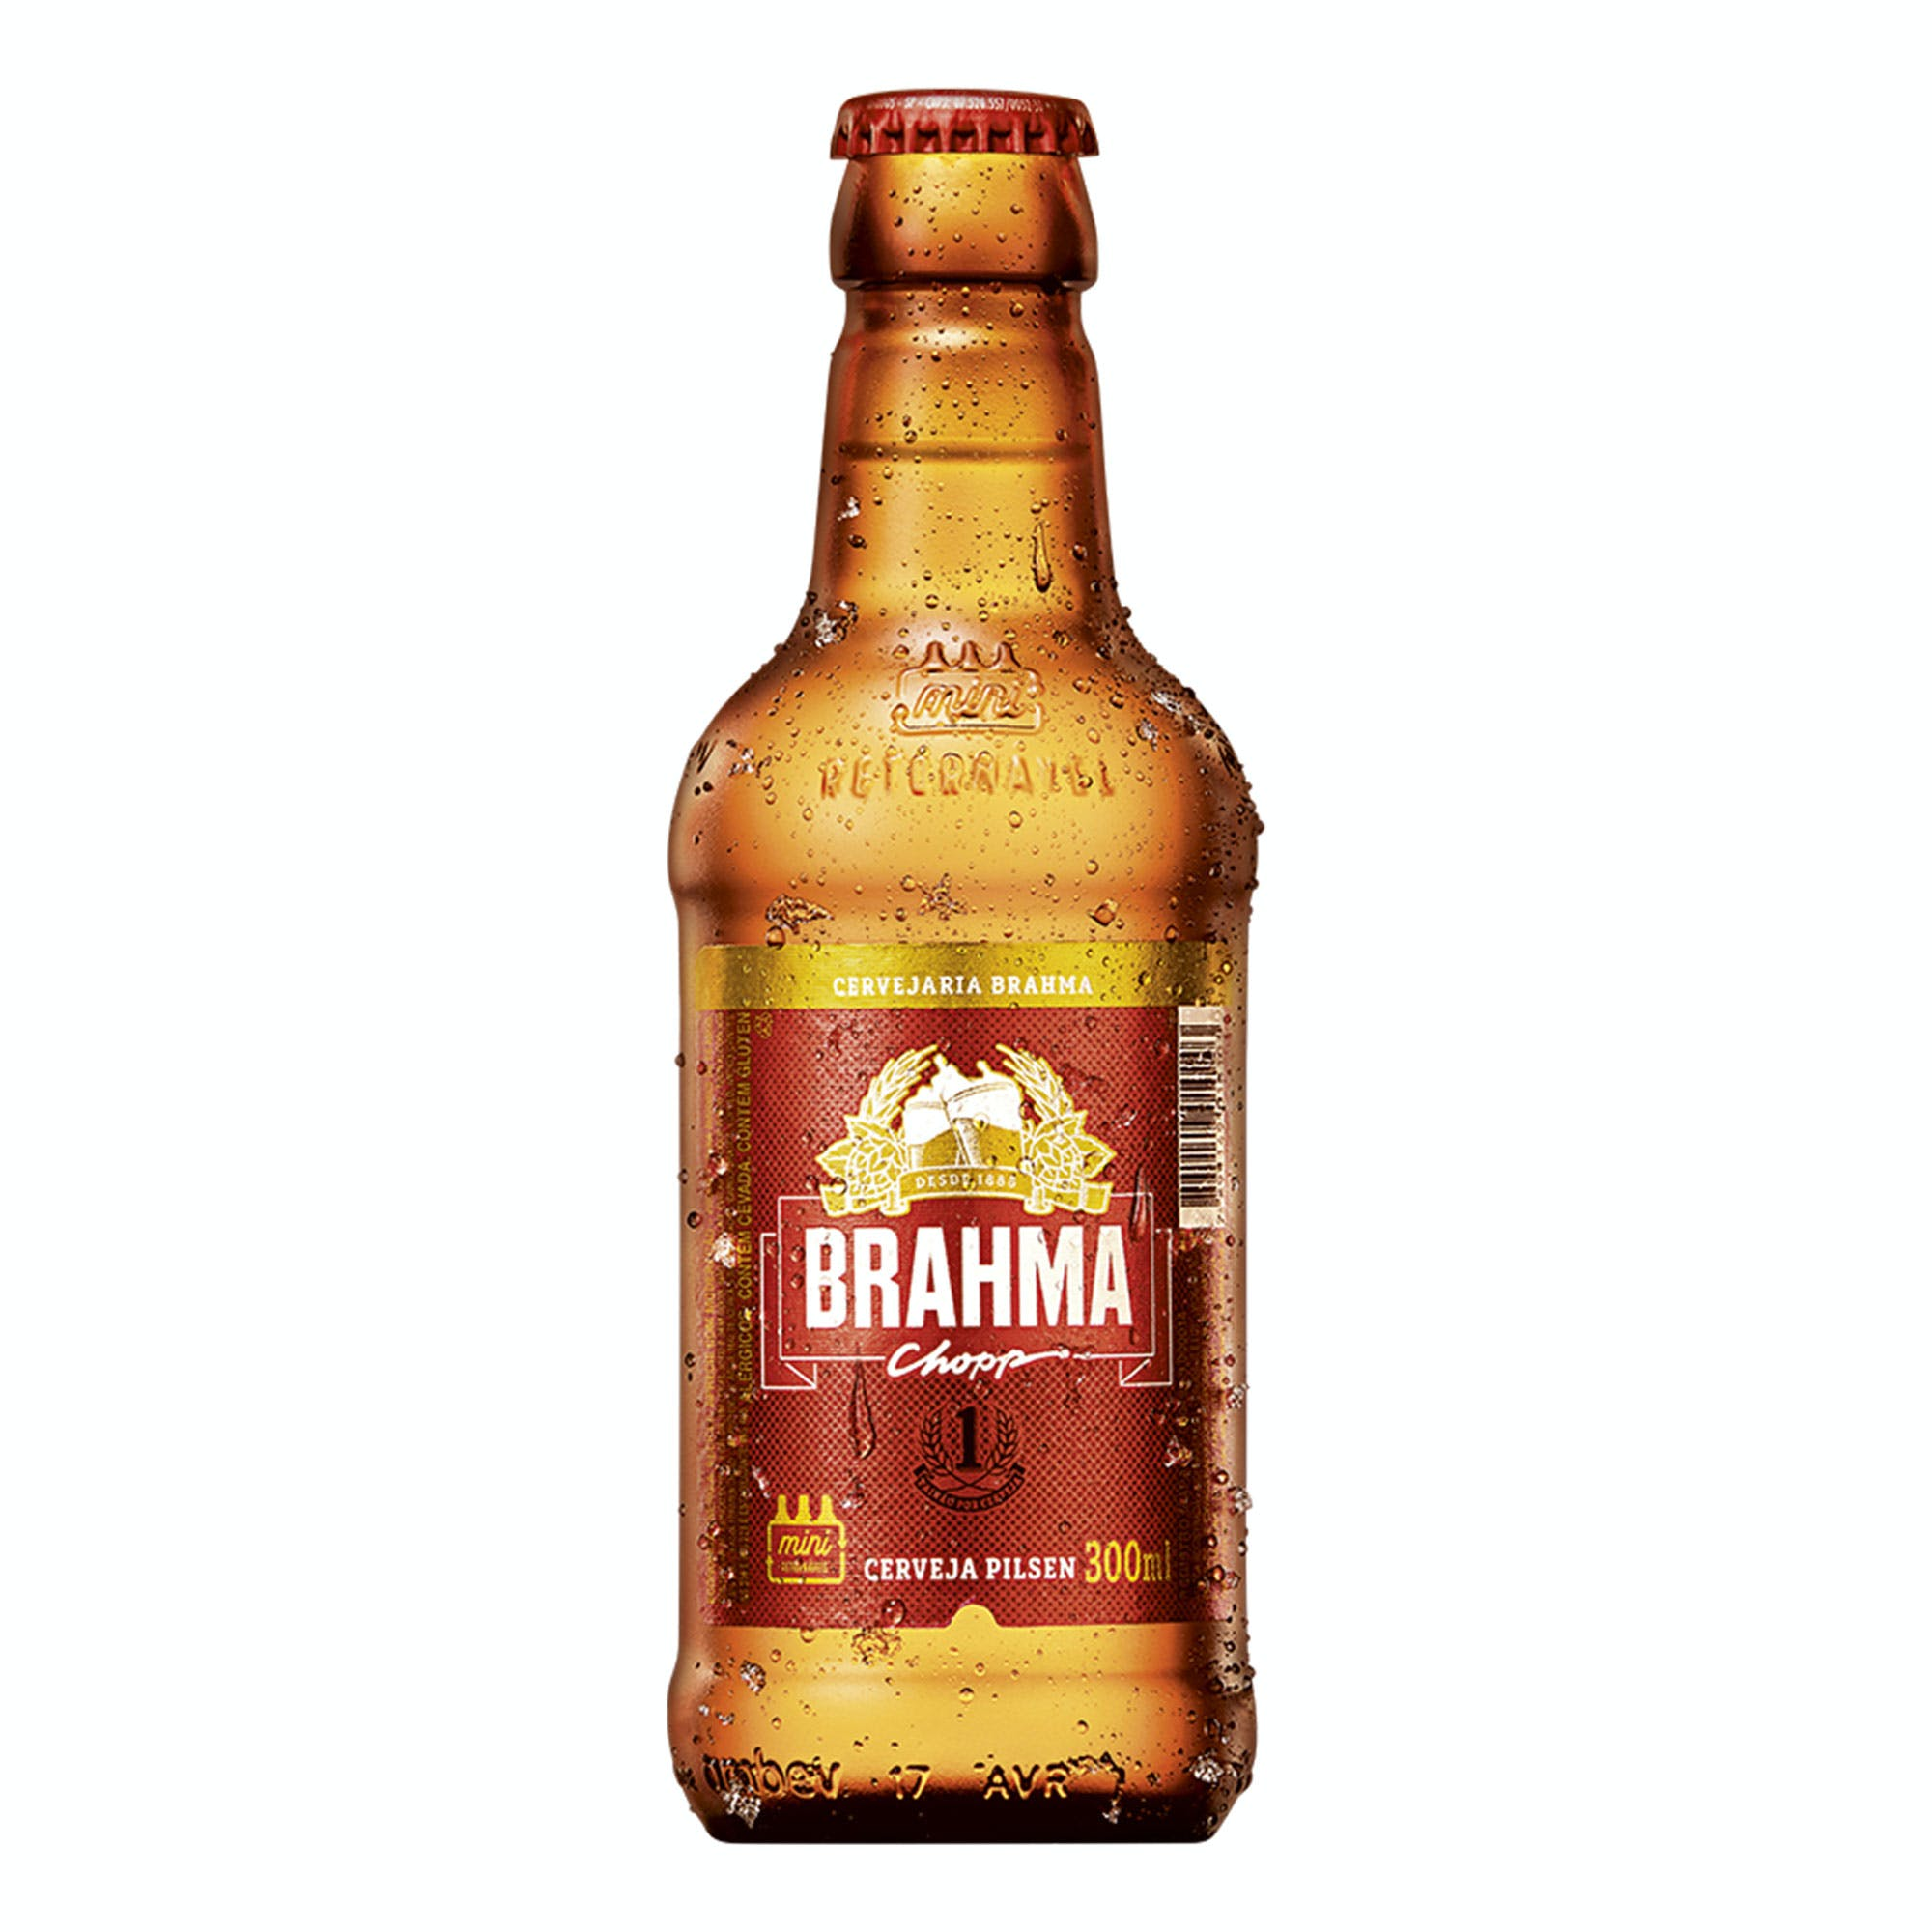 Brahma Chopp 300ml | Vasilhame Incluso